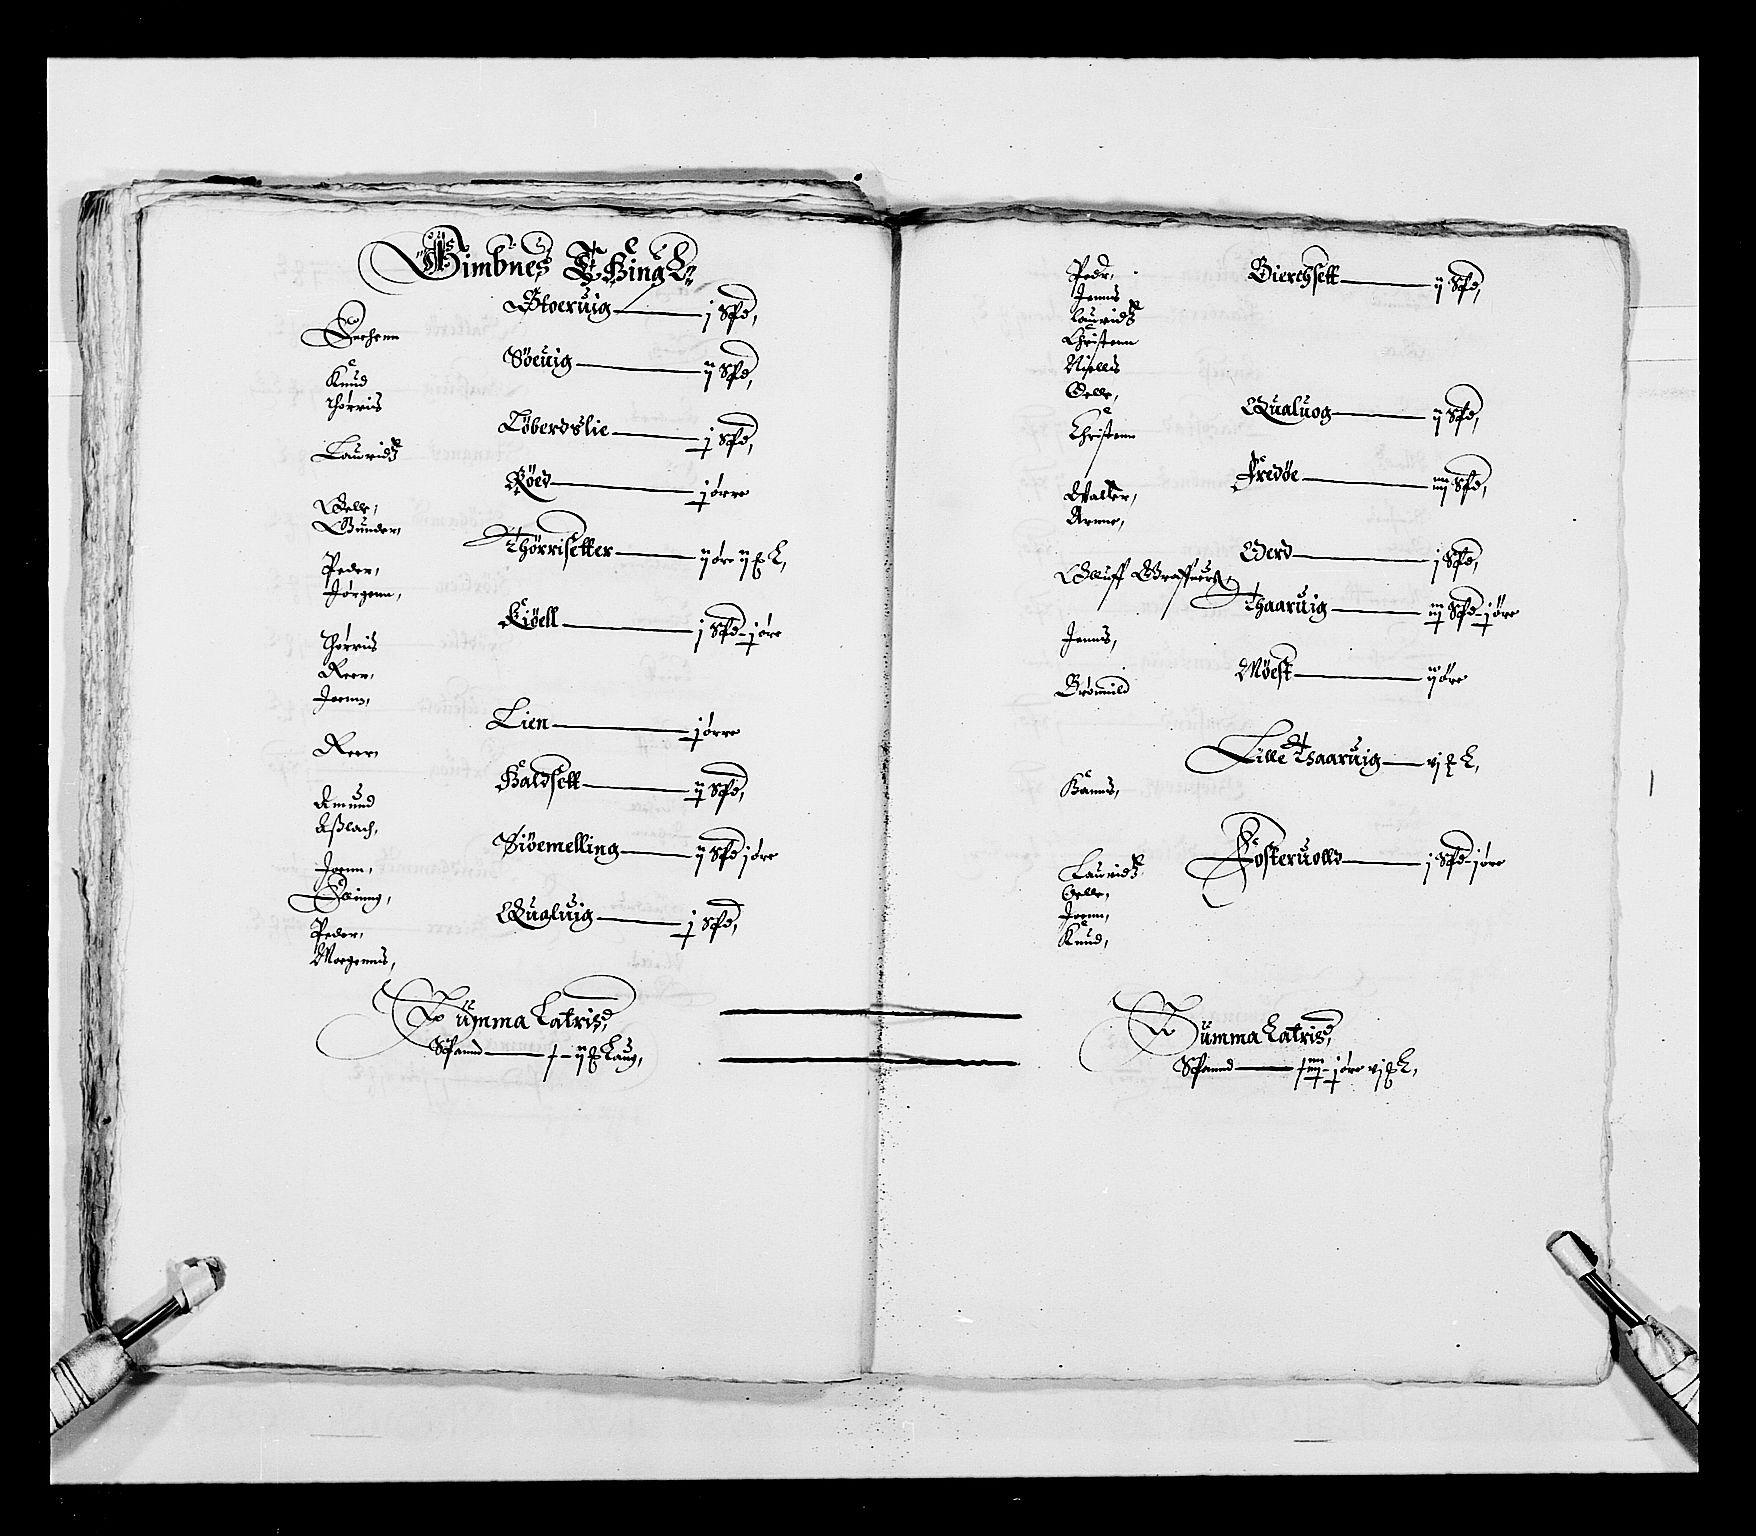 RA, Stattholderembetet 1572-1771, Ek/L0028: Jordebøker 1633-1658:, 1645-1646, s. 45